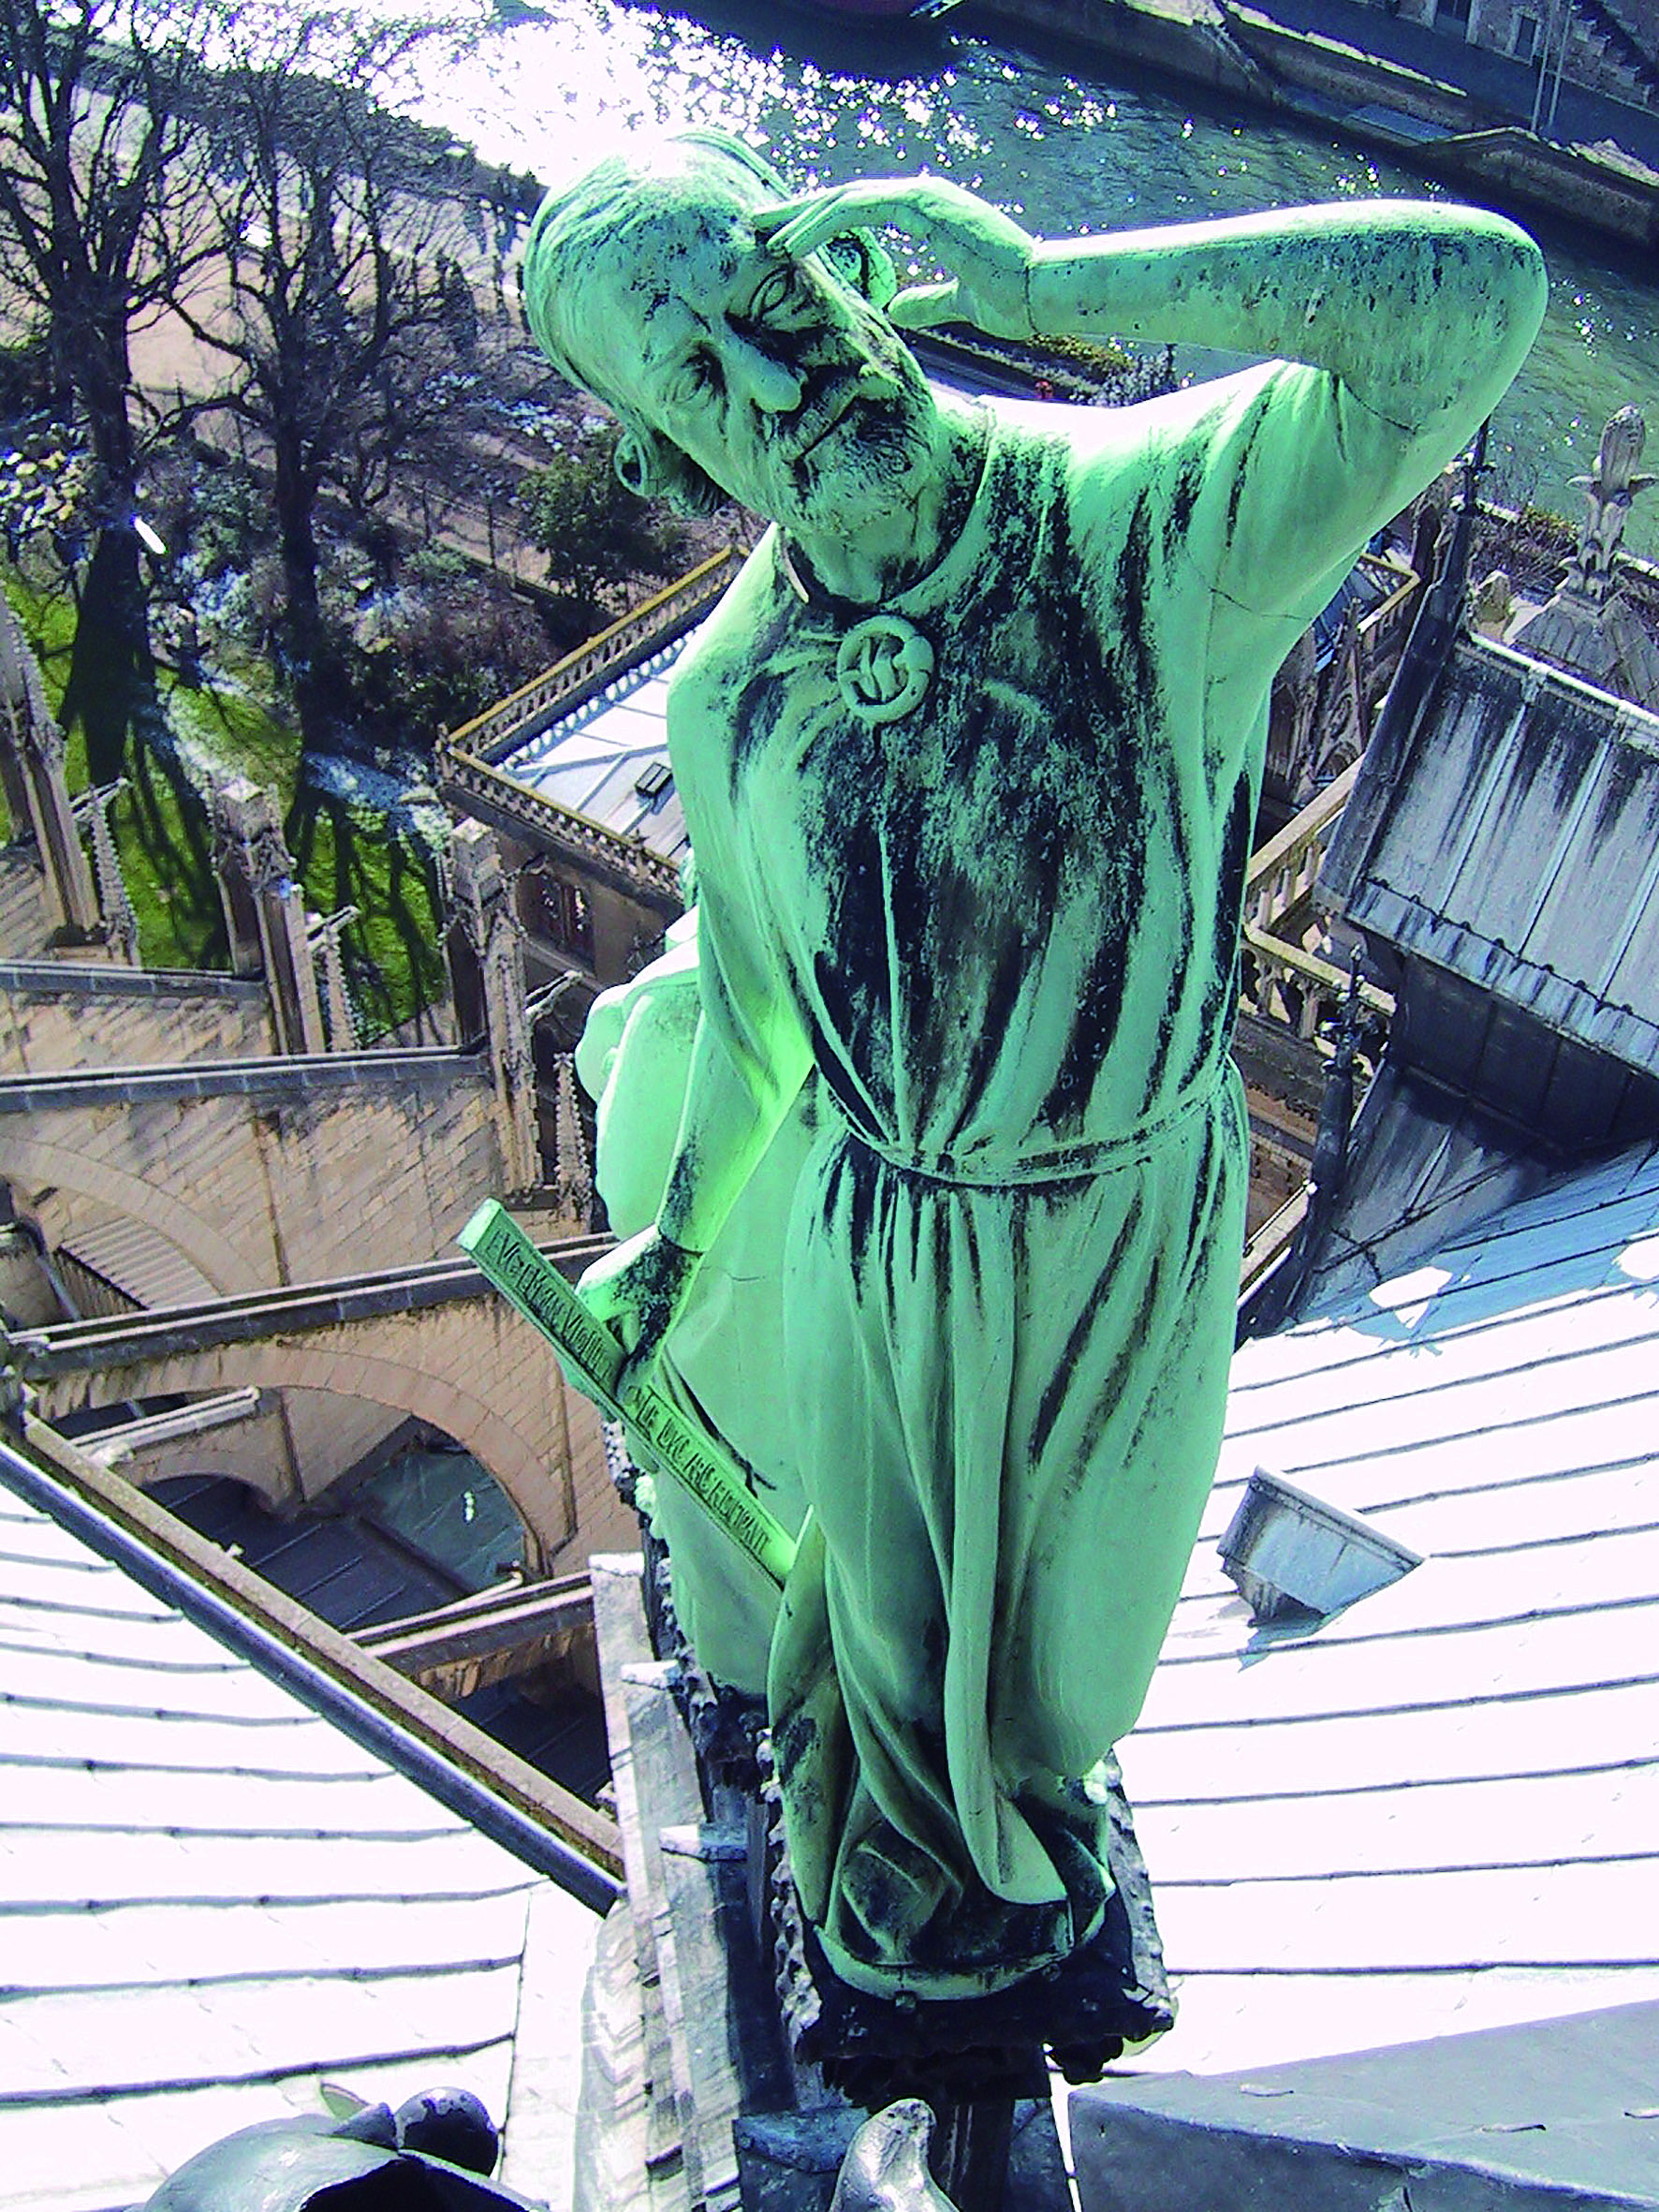 中央尖塔旁的十二使徒及福音使者青銅像,回望上帝的使徒雕像,為十九世紀修復聖母院的建築師Viollet-le-Duc 本尊。(筆者攝於2001 年2 月26日)。.JPG